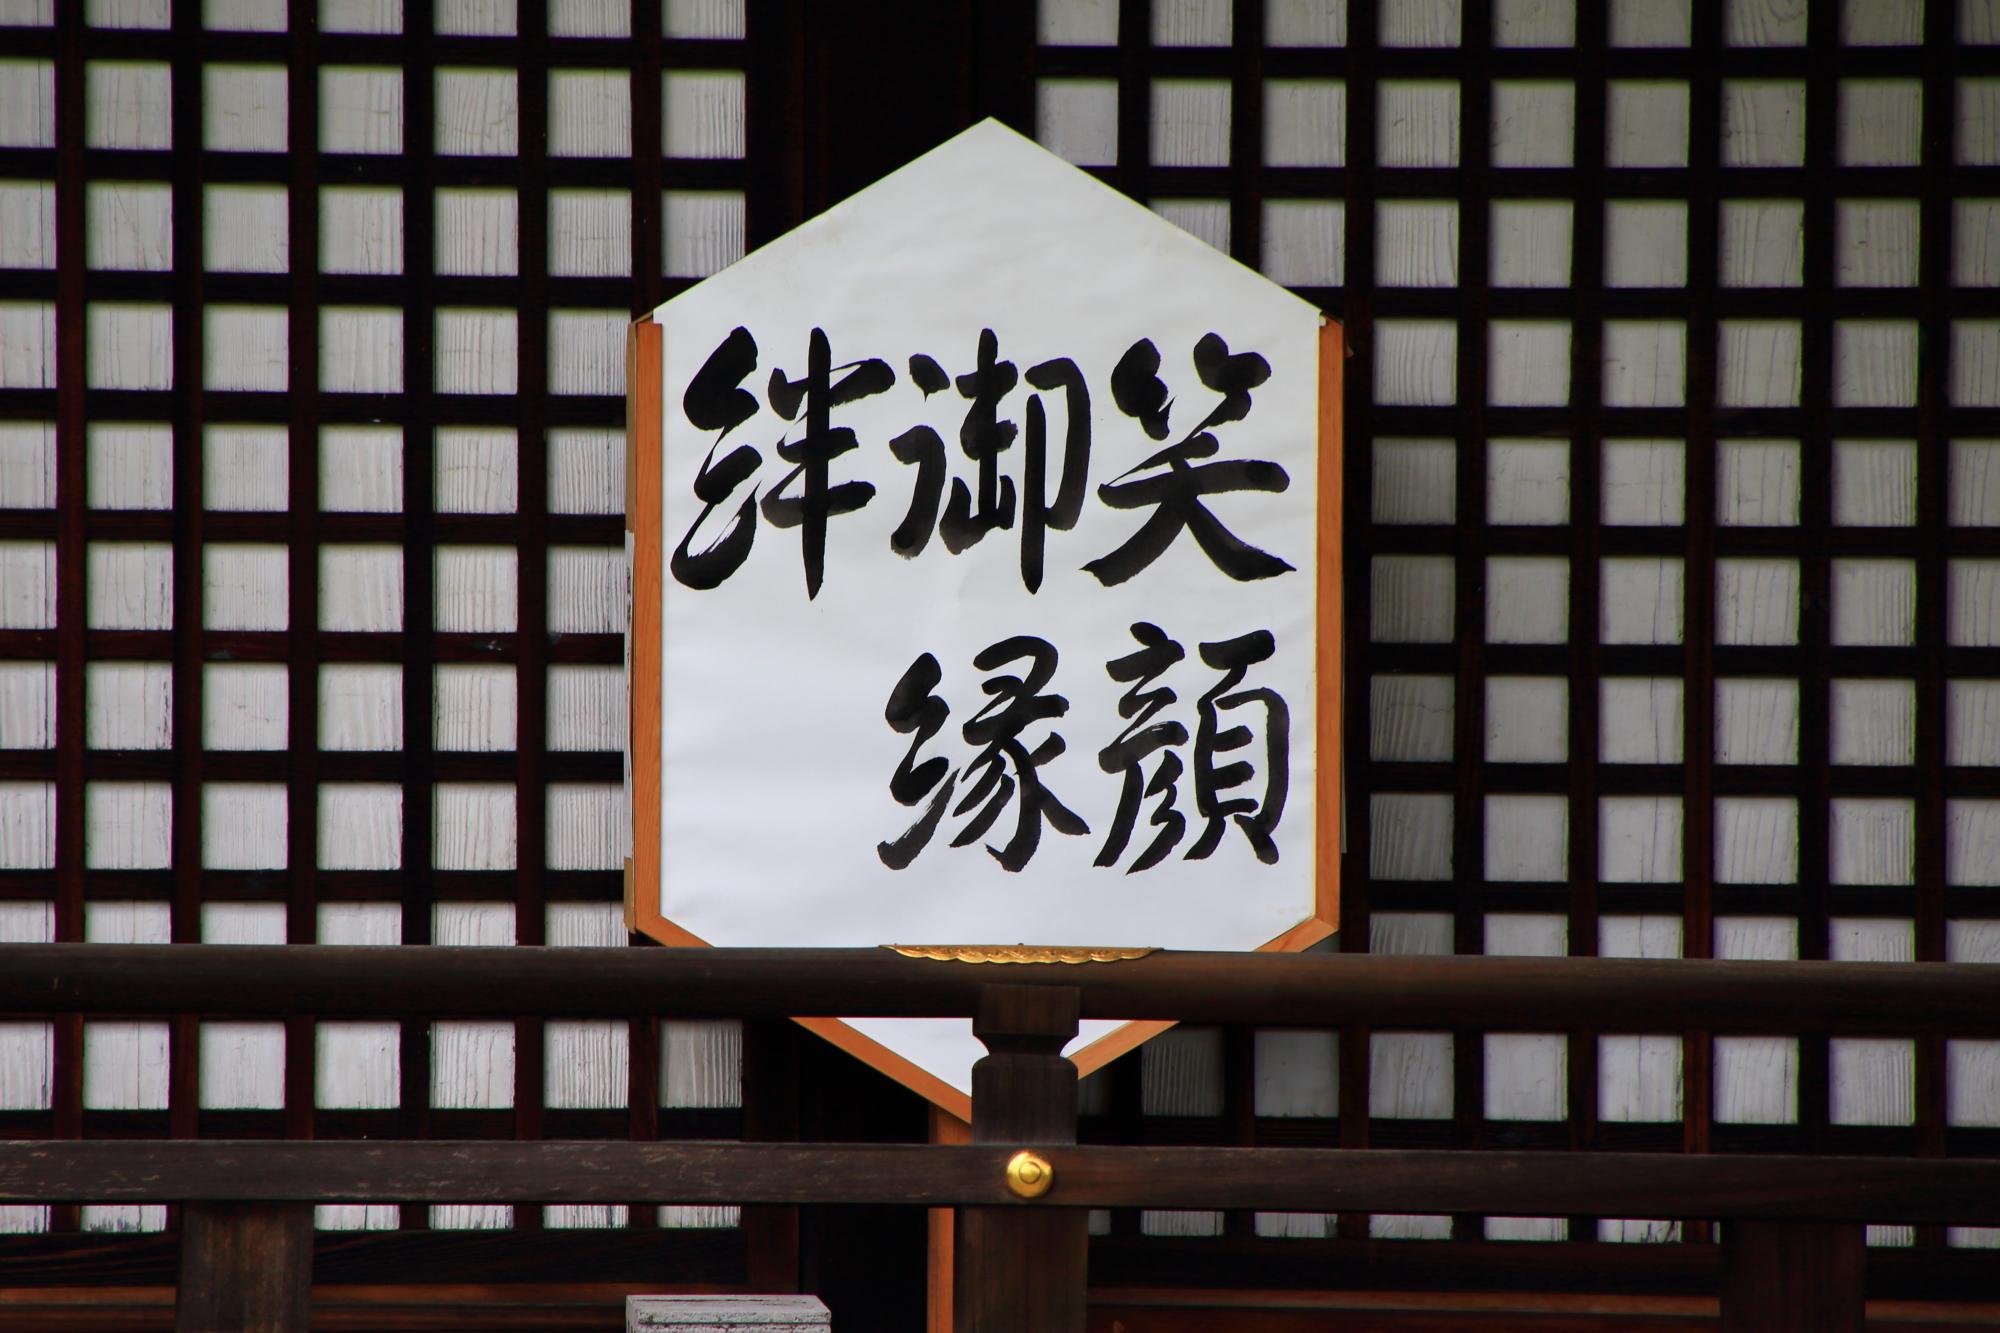 勧修寺の宸殿に掲げられる「笑顔」などの文字